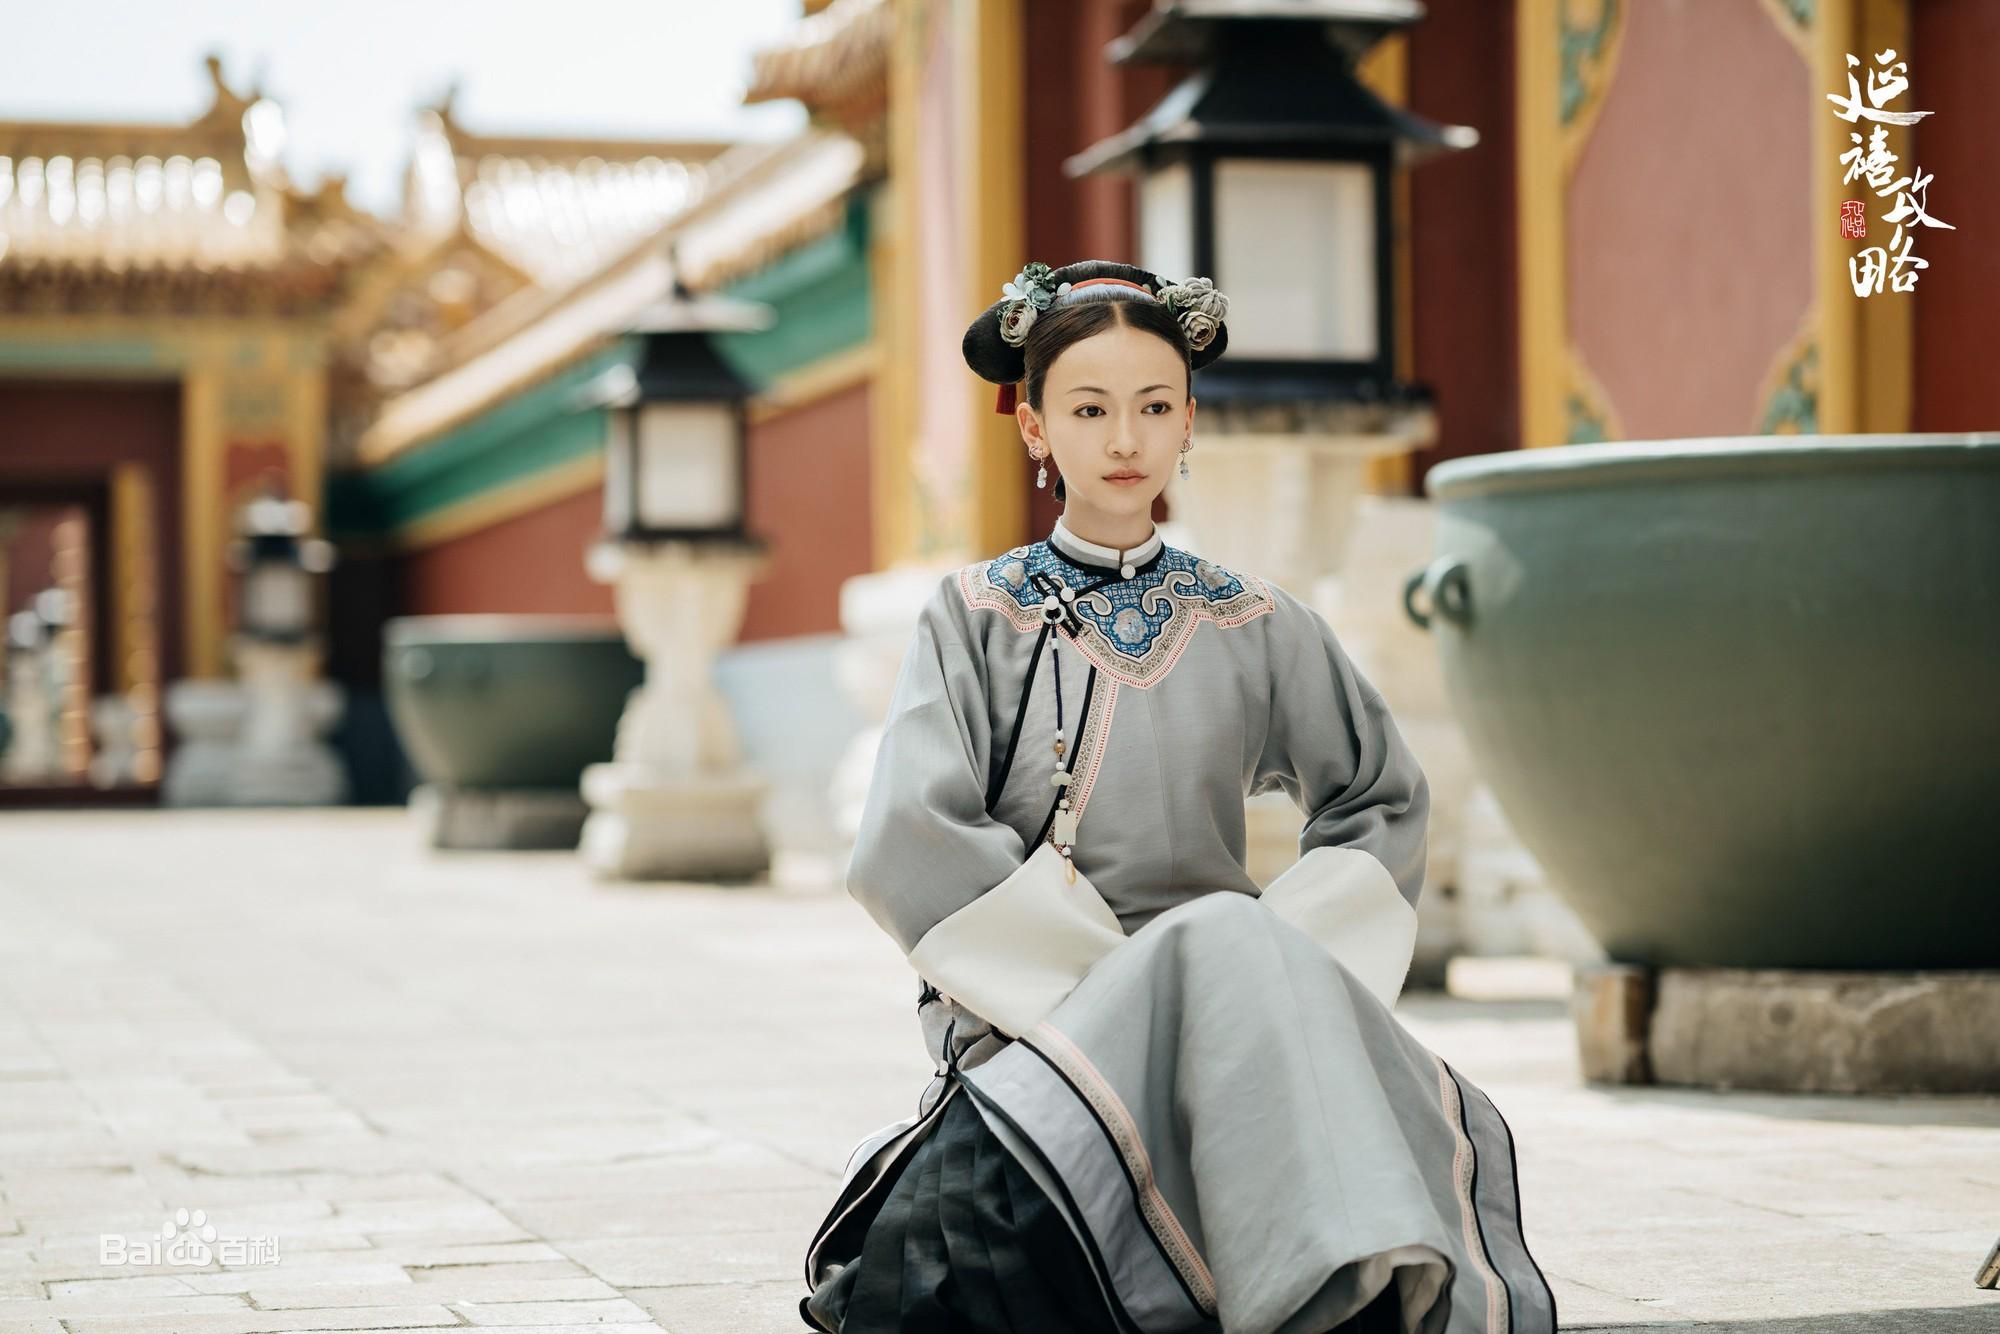 Cận cảnh nhan sắc đẹp - độc - lạ của Ngụy Anh Lạc Ngô Cẩn Ngôn trong drama hot 100 độ Diên Hi Công Lược - Ảnh 3.